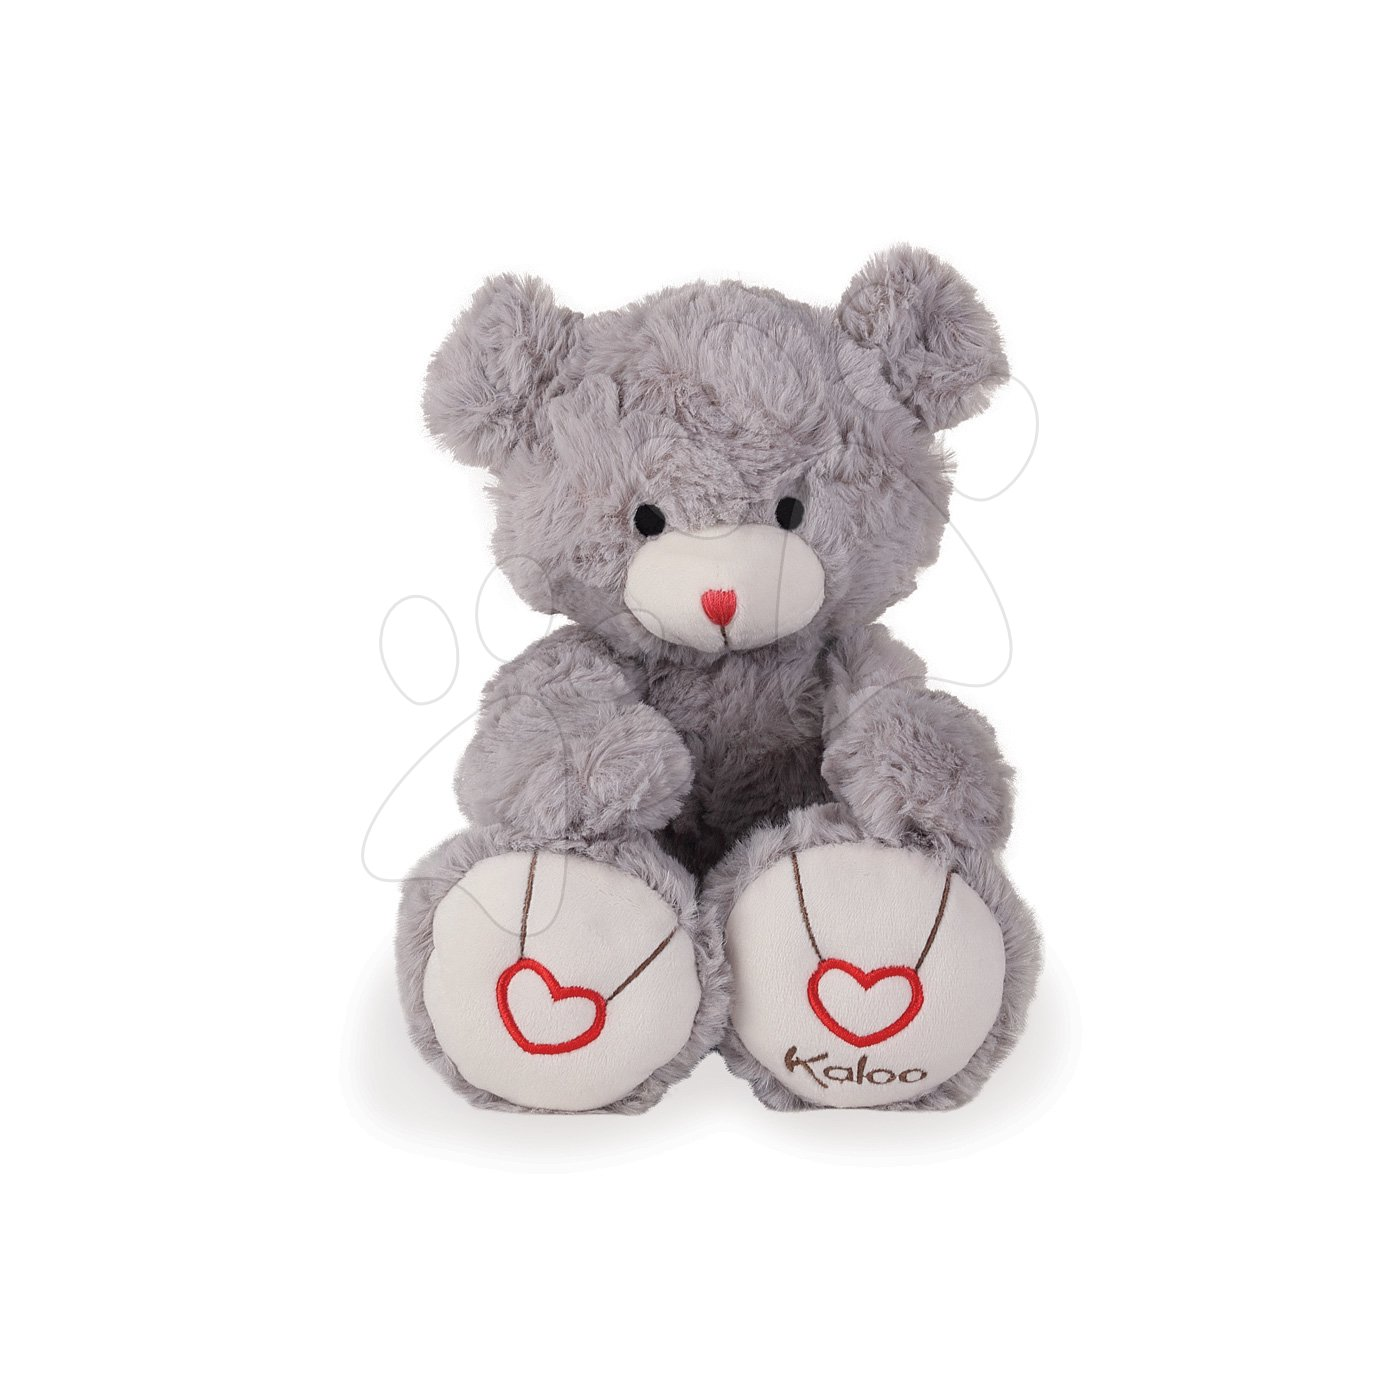 Plyšový medvěd Rouge Kaloo s výšivkou pro nejmenší děti 31 cm šedý od 0 měsíců